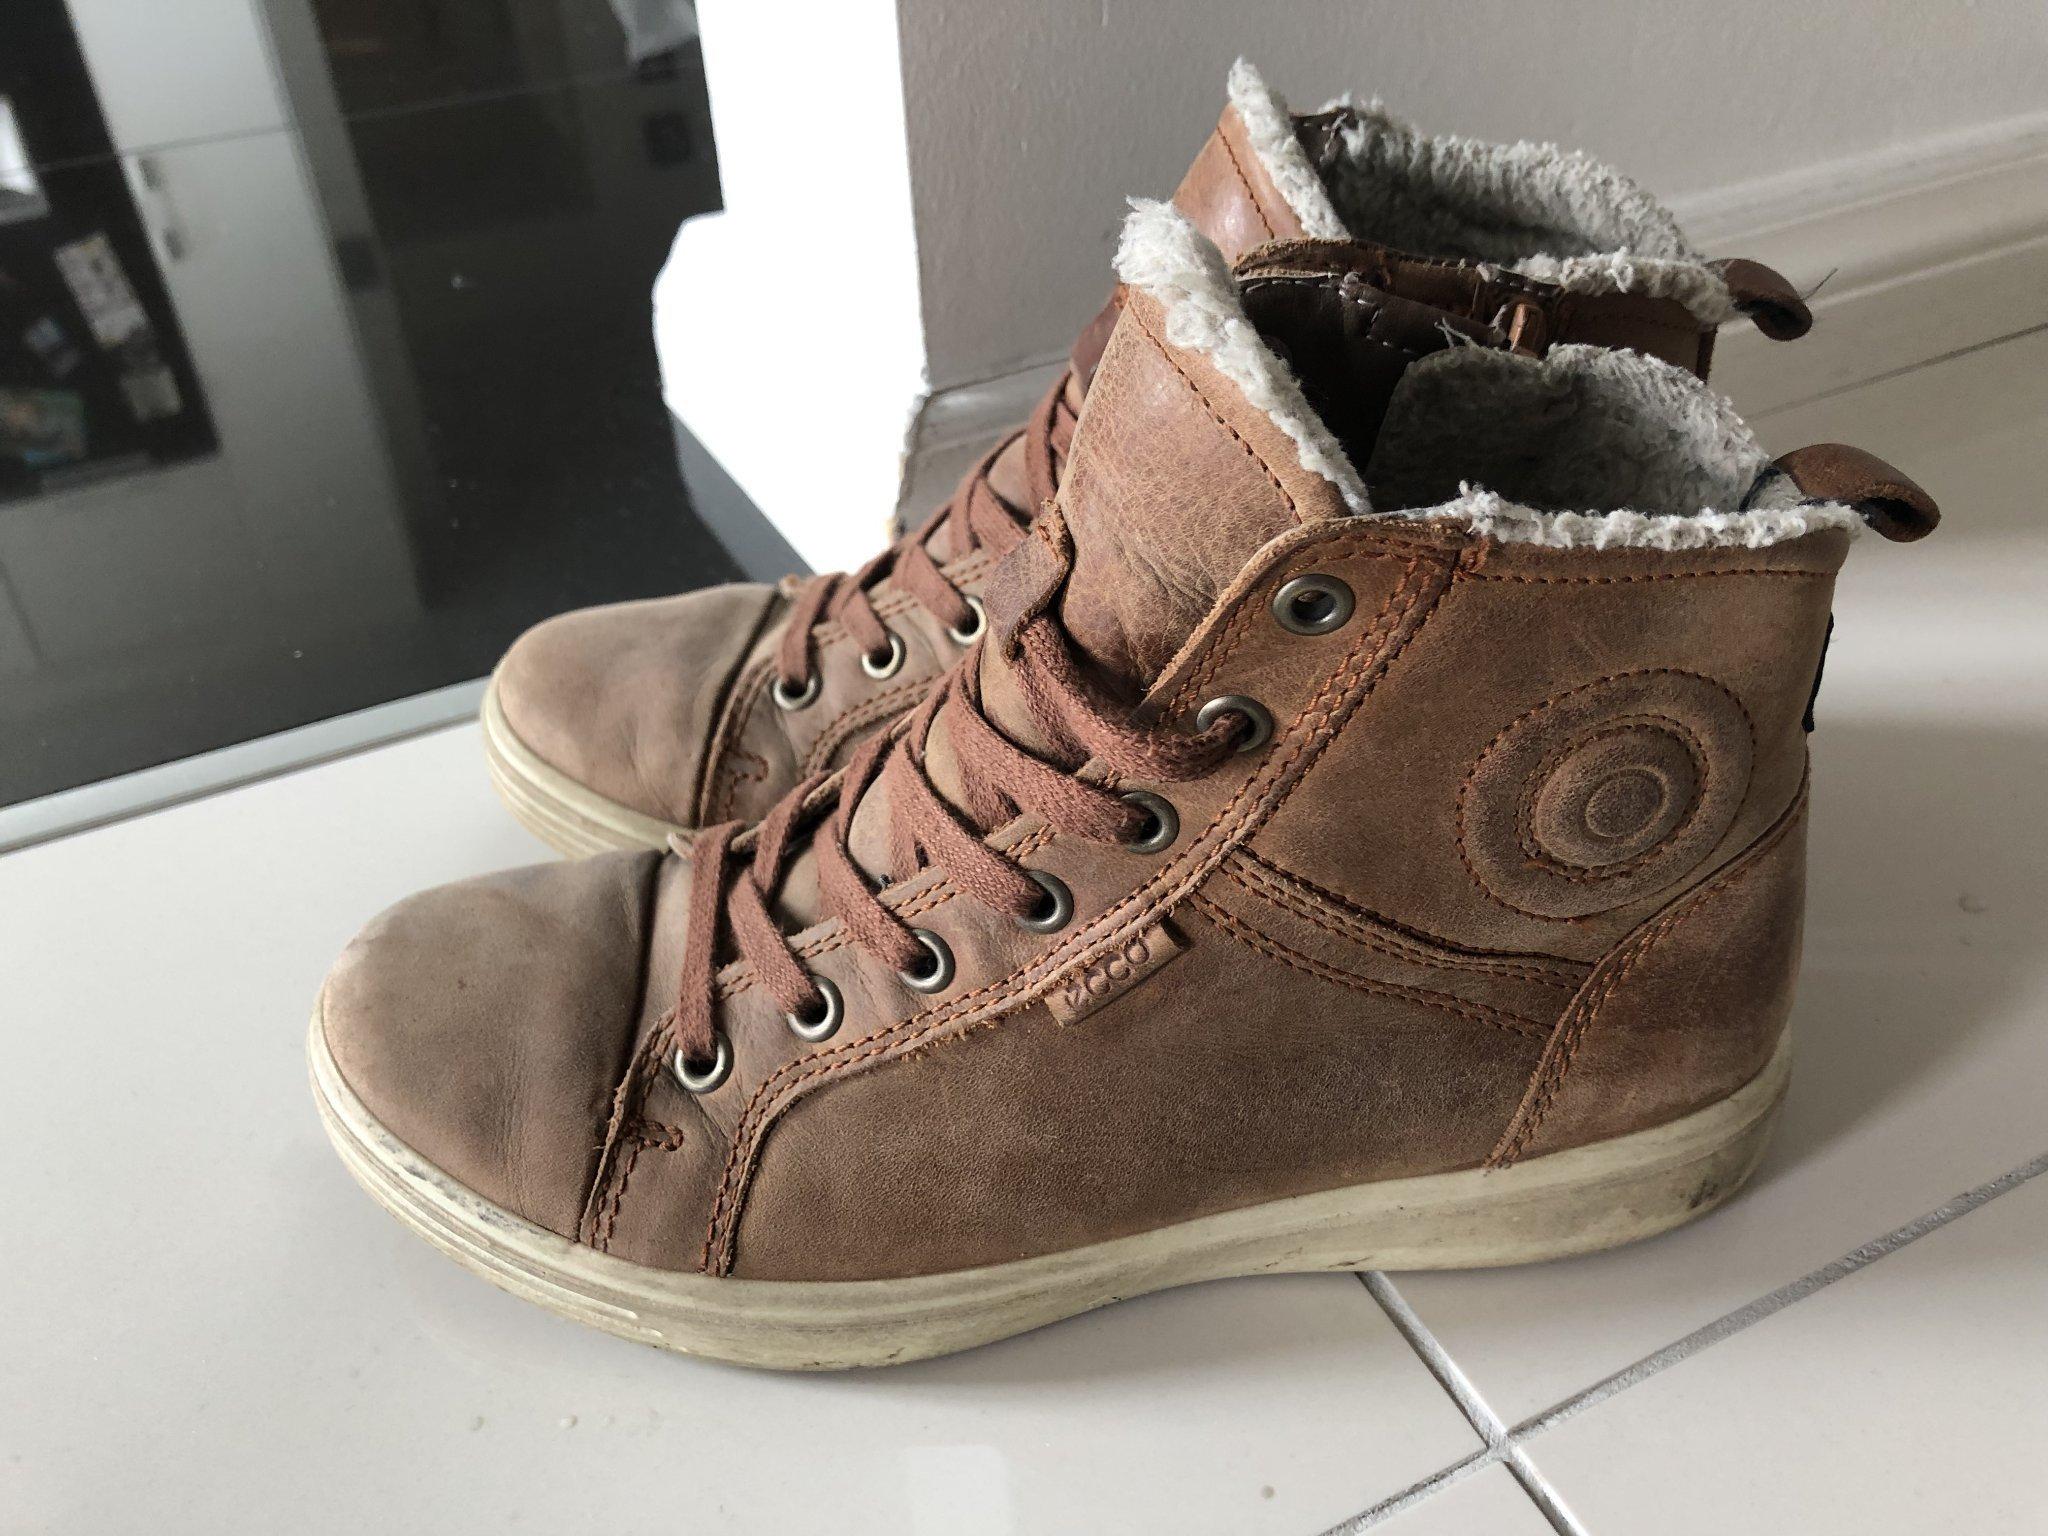 c796176d9cd Ecco boots / Sneakers (354381625) ᐈ Köp på Tradera